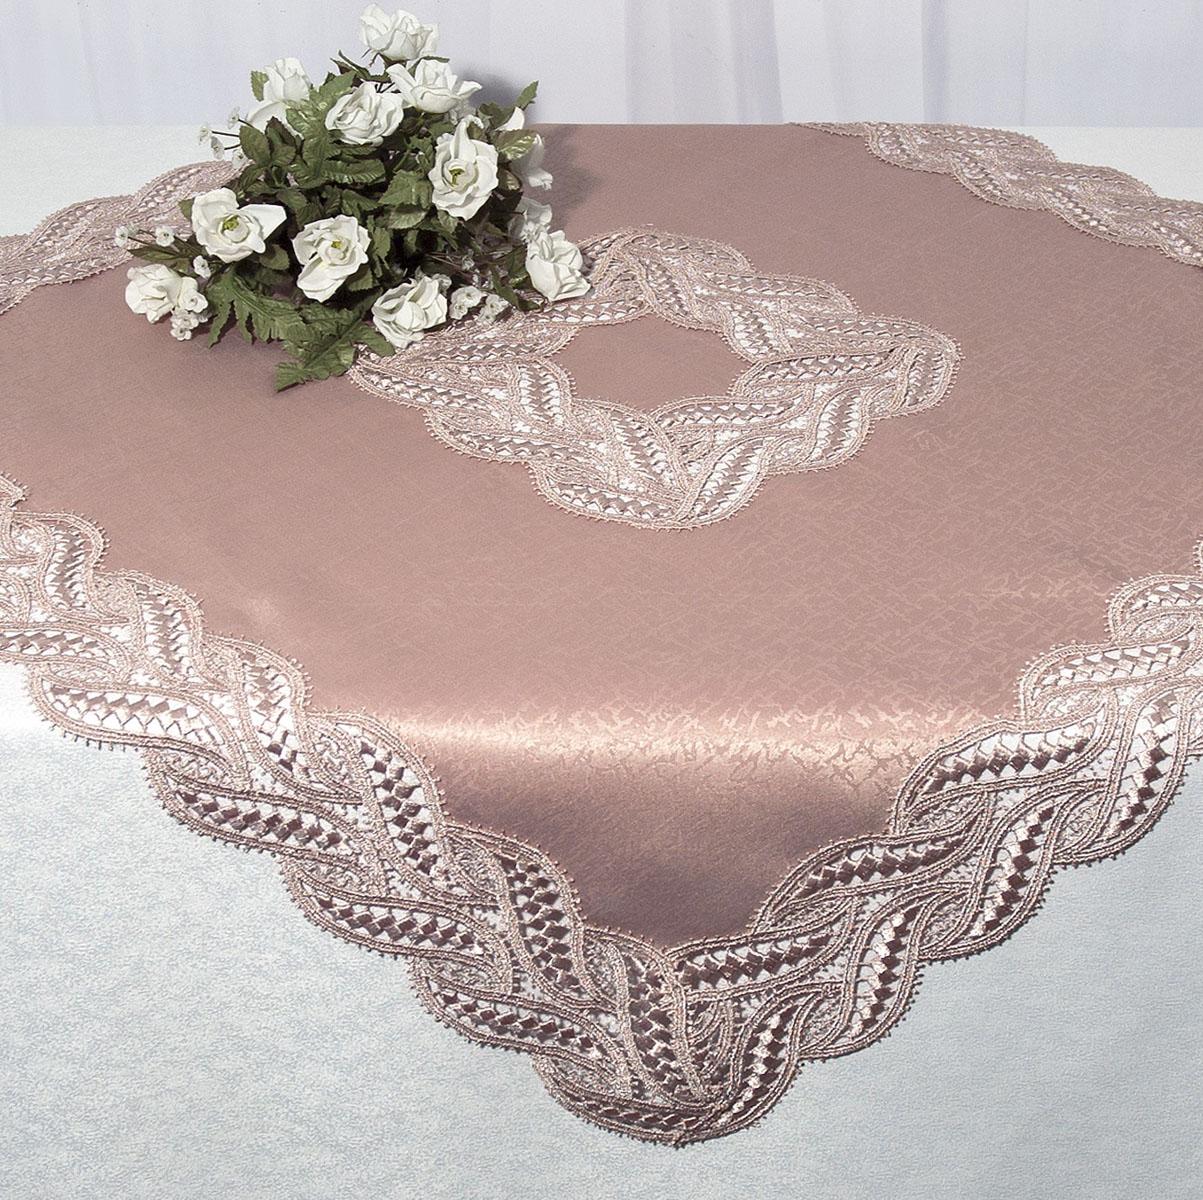 Скатерть Schaefer, квадратная, цвет: чайная роза, 85 x 85 см. 30283028Квадратная скатерть Schaefer среднего размера, выполненная из полиэстера цвета чайной розы, оформлена вышитым по краю и в центре кружевом, в тон скатерти, в технике - макраме. Изделия из полиэстера легко стирать: они не мнутся, не садятся и быстро сохнут, они более долговечны, чем изделия из натуральных волокон. Вы можете использовать эту скатерть самостоятельно, либо сверху основной, однотонной, большой скатерти. В любом случае она добавит в ваш дом стиля, изысканности и неповторимости.